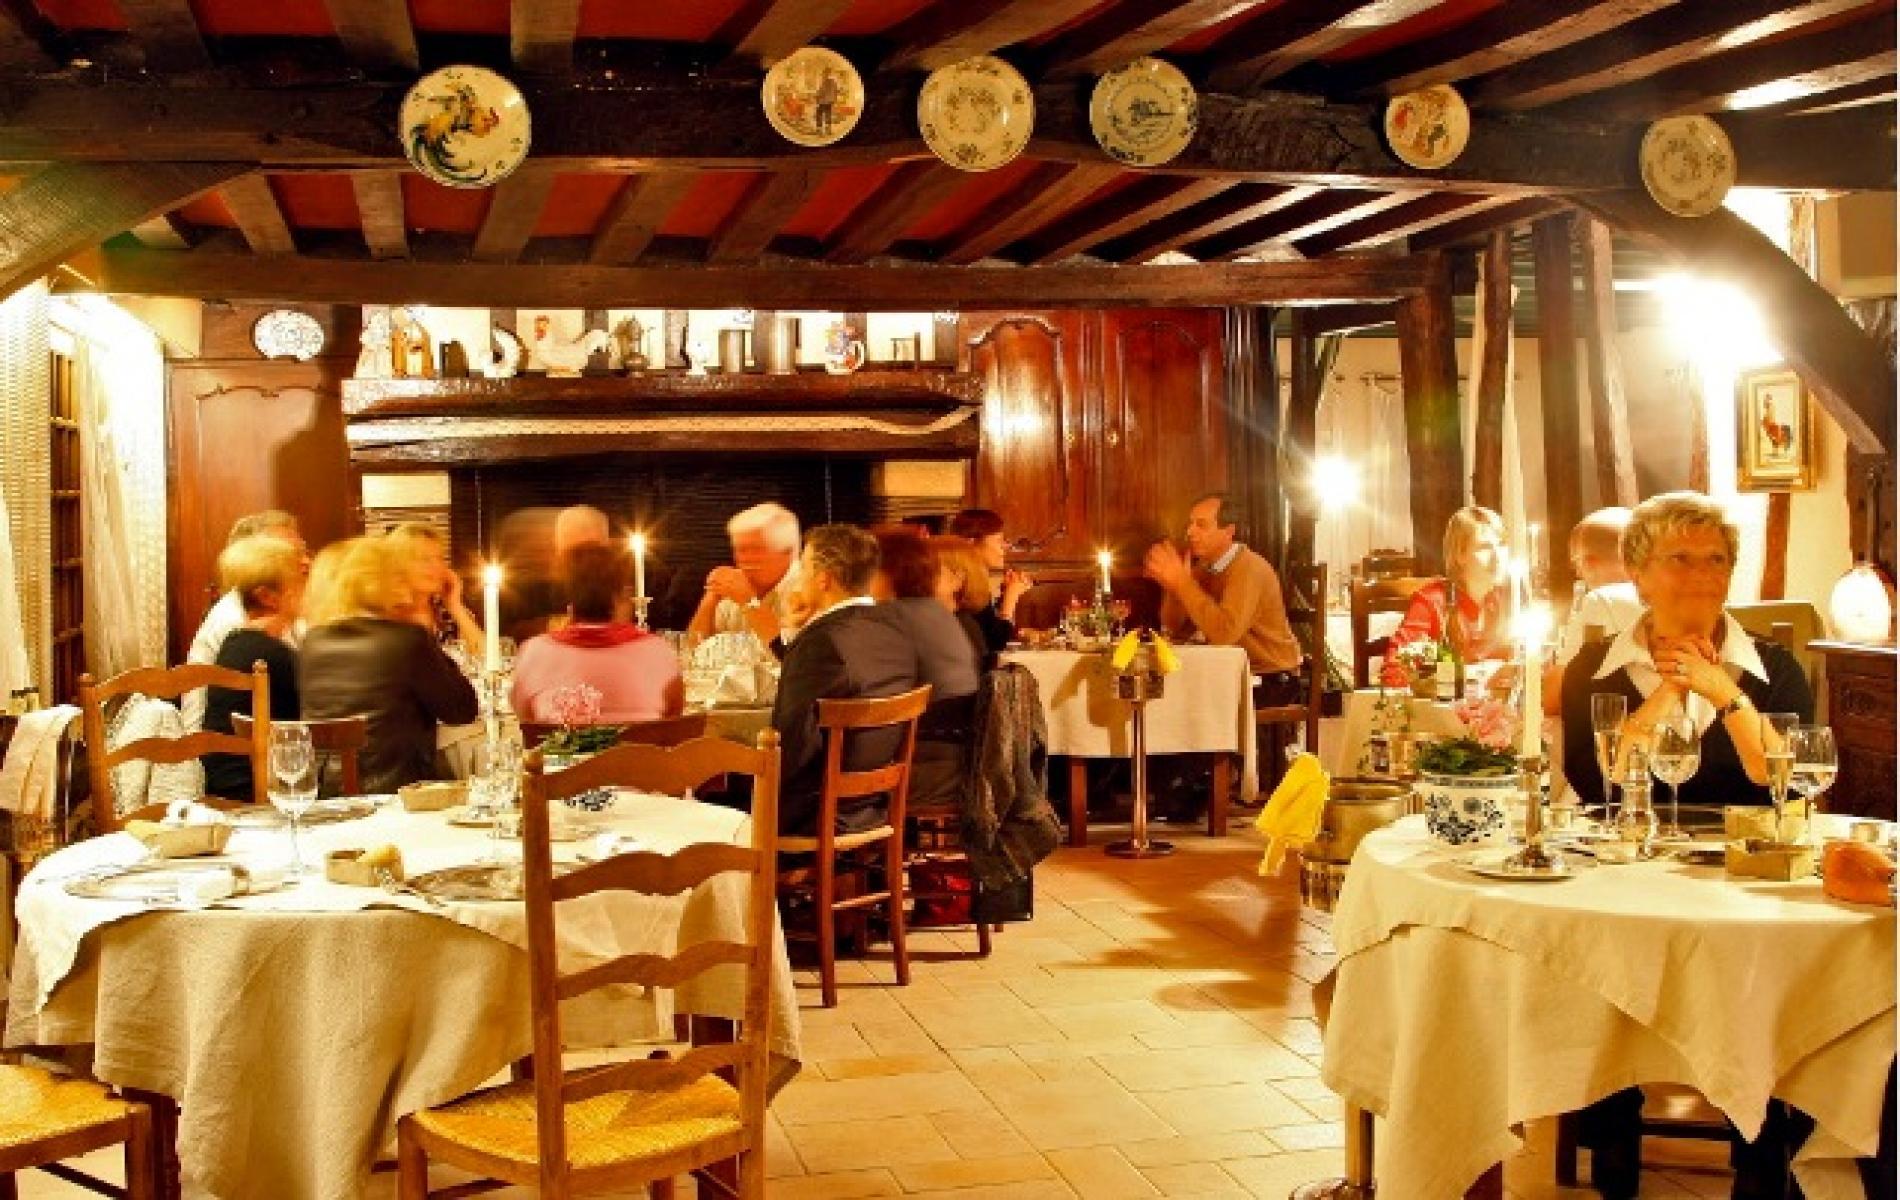 Htel restaurant PontAudemer Le Petit Coq aux Champs proche Deauville et Honfleur